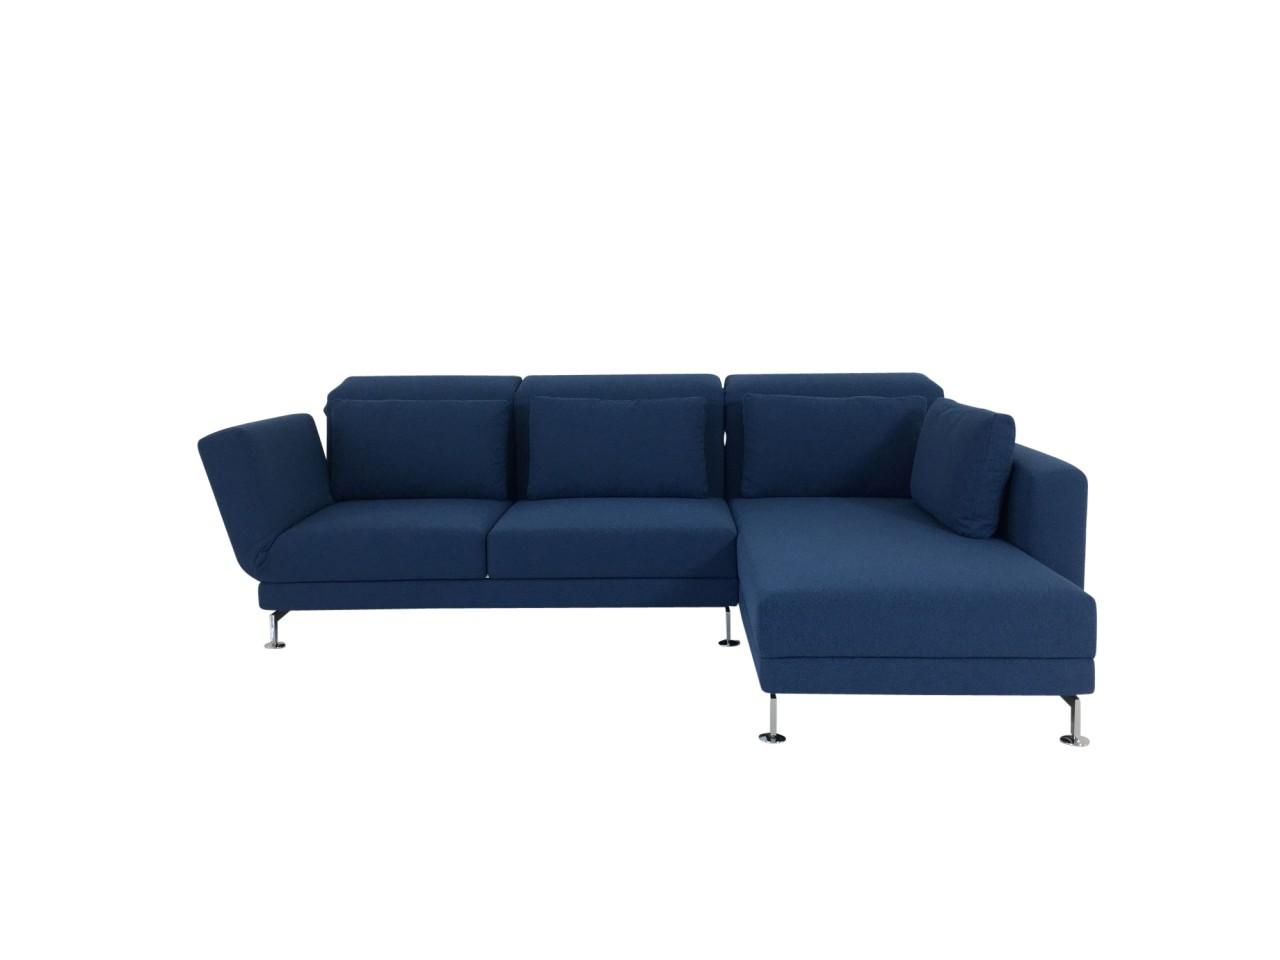 Brühl MOULE medium Sofa mit Recamiere rechts in Stoff azurblau mit Kissen und Relaxfunktionen